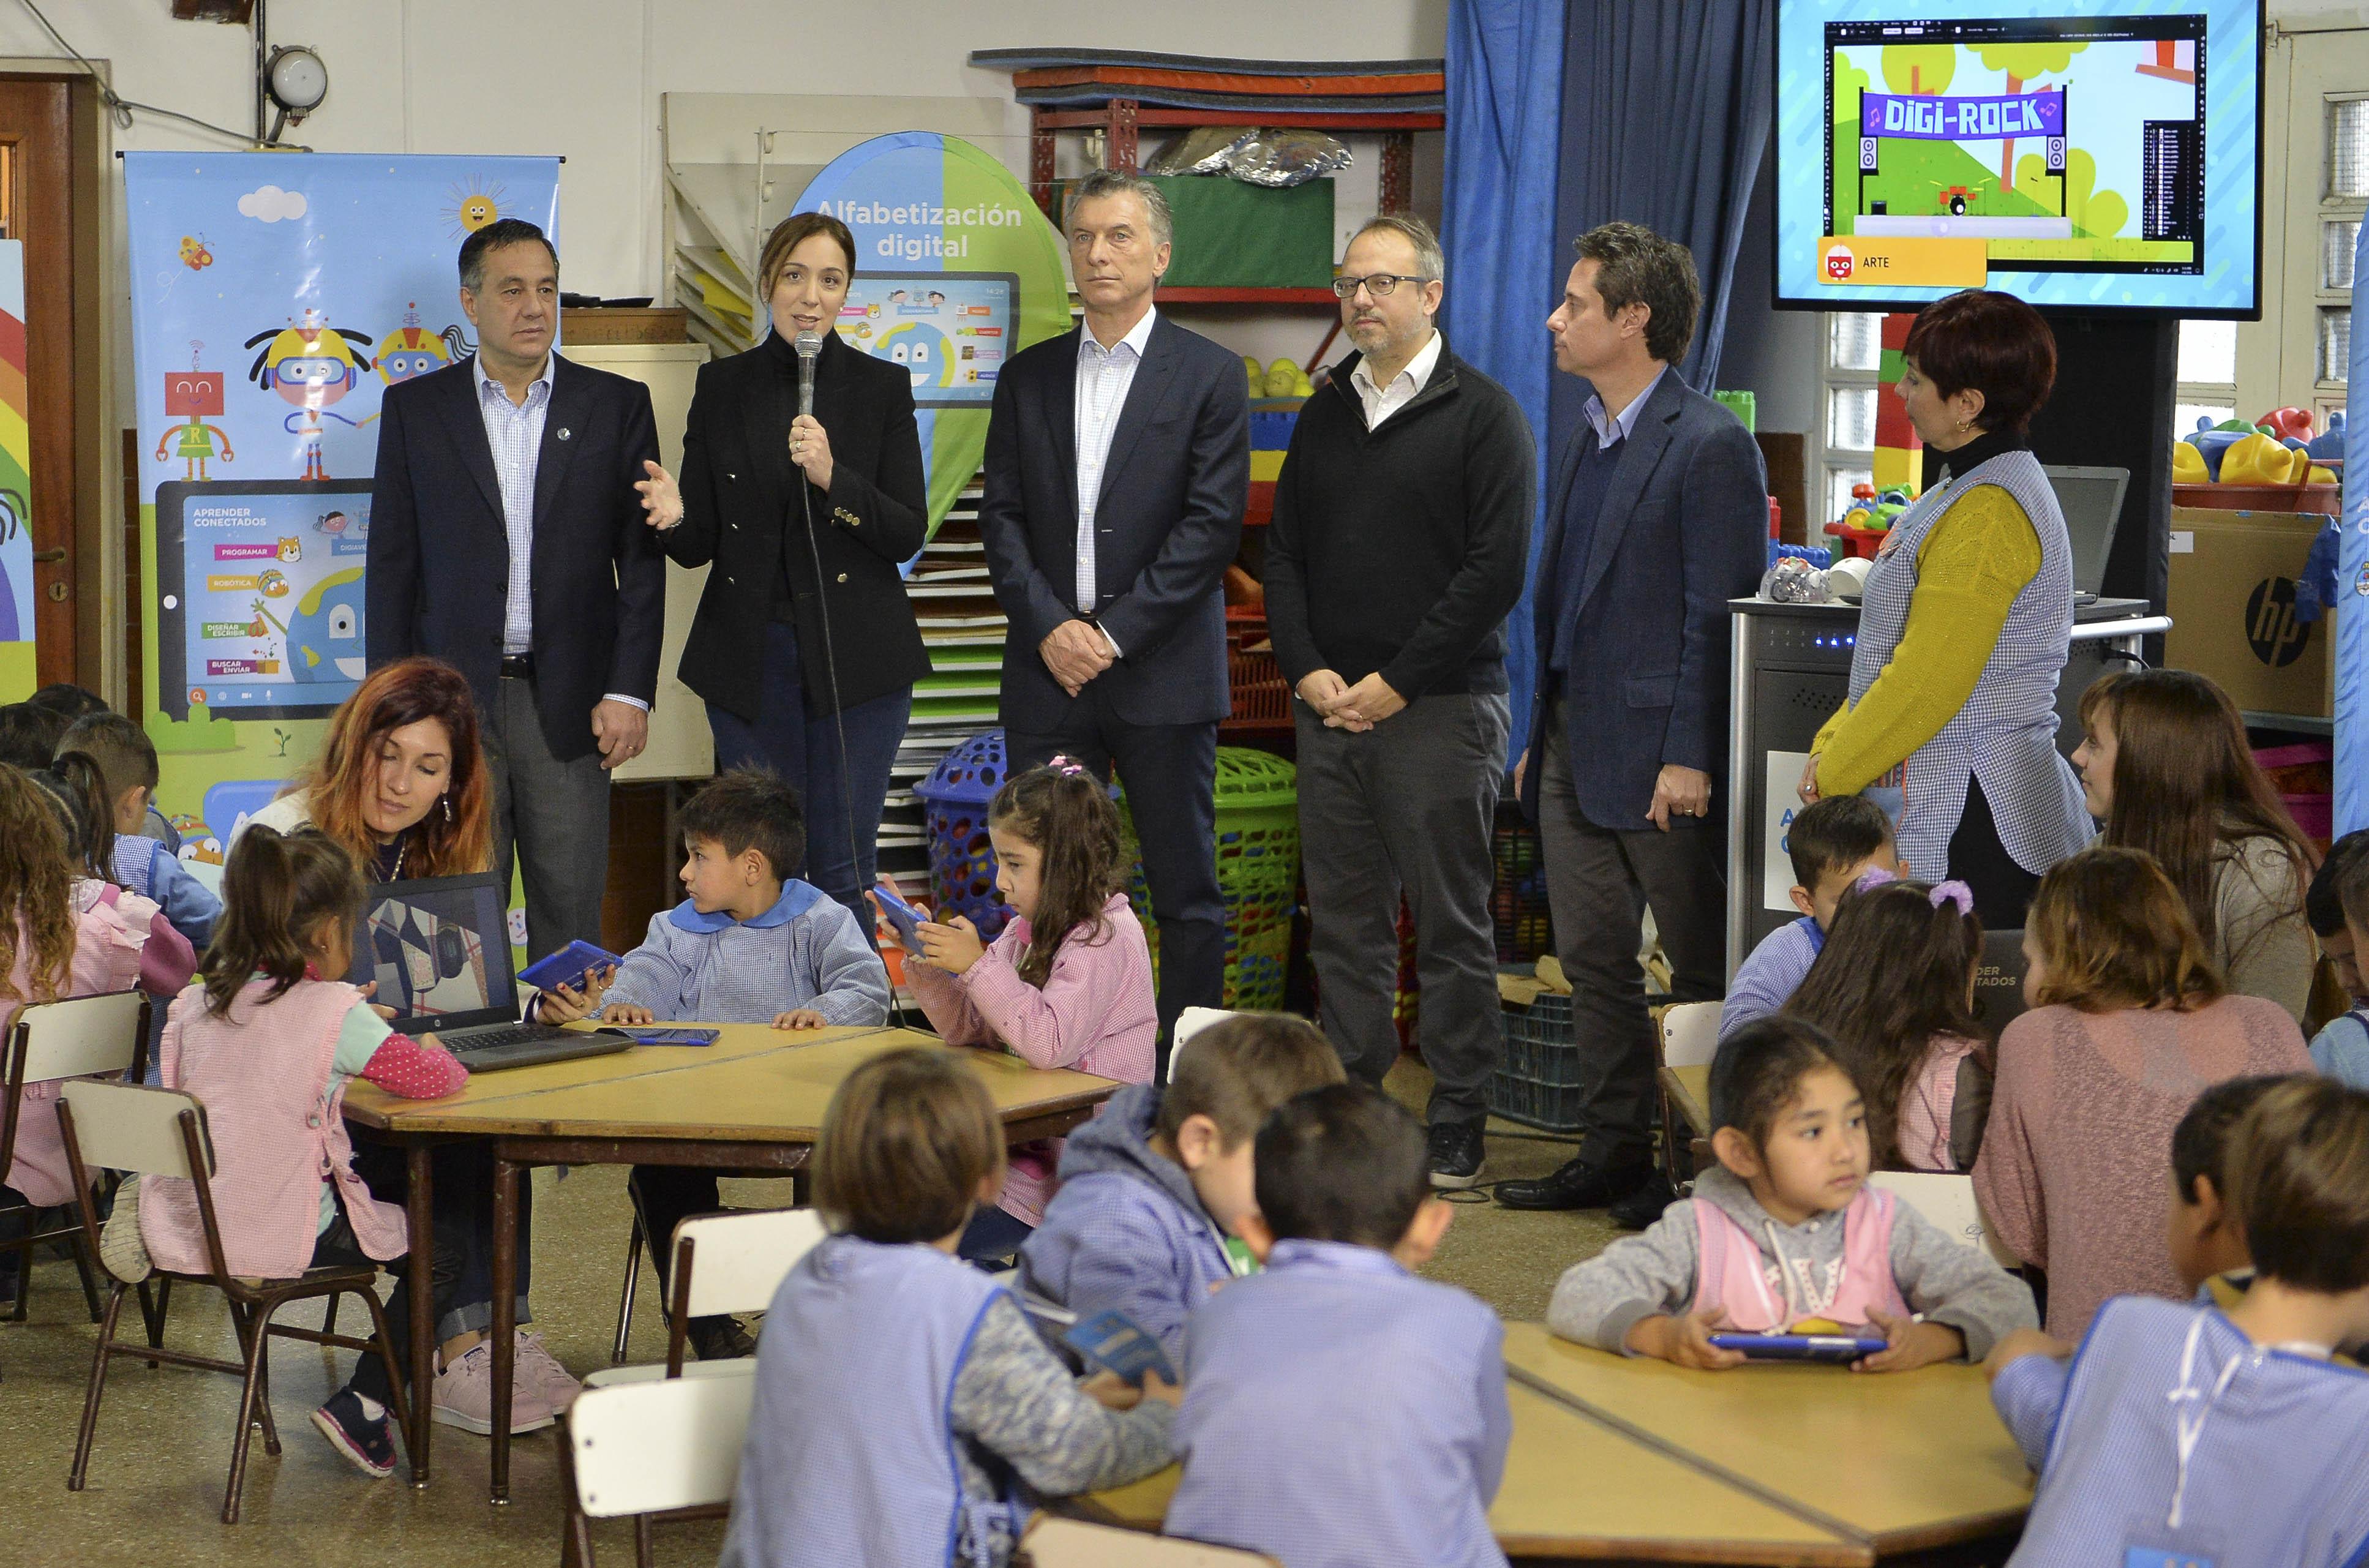 Vidal y Macri anuncionaron el Plan Aprender Conectados